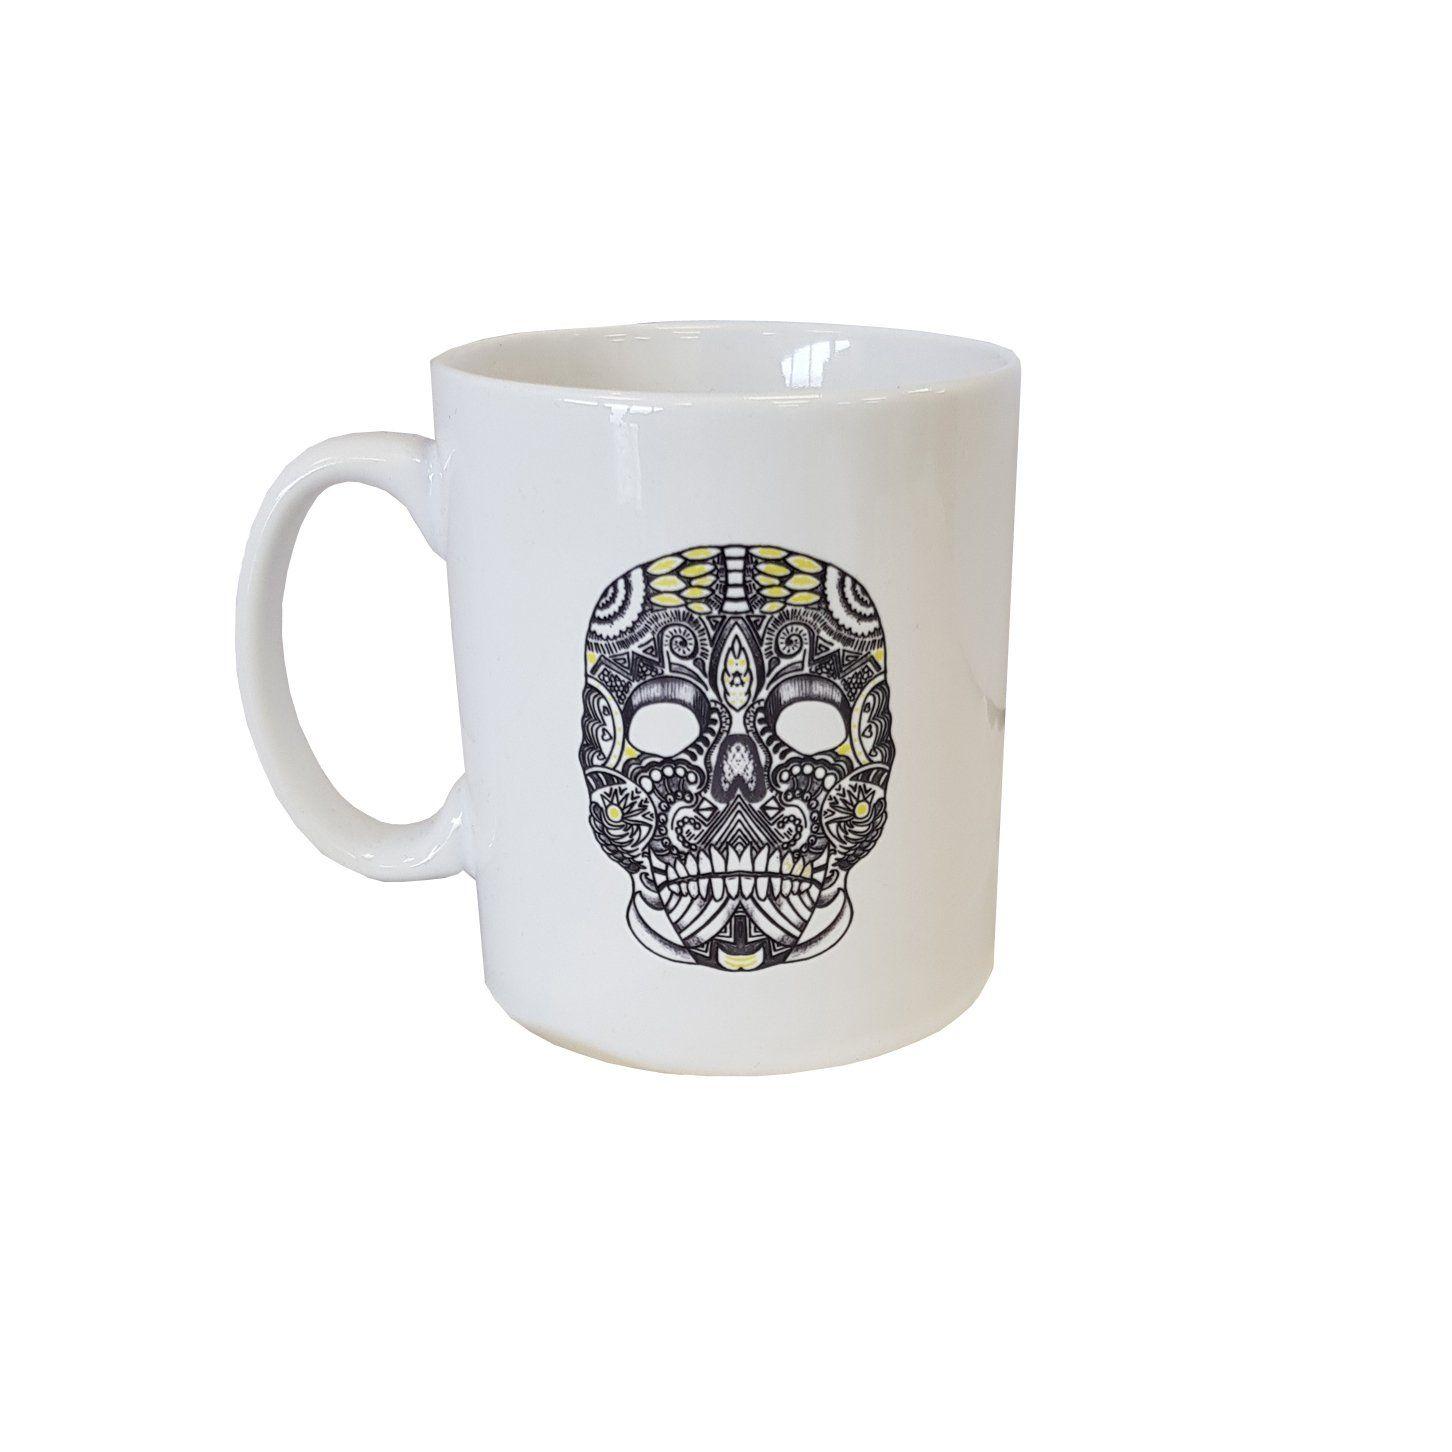 Flo skull mug brown leather card holder leather credit